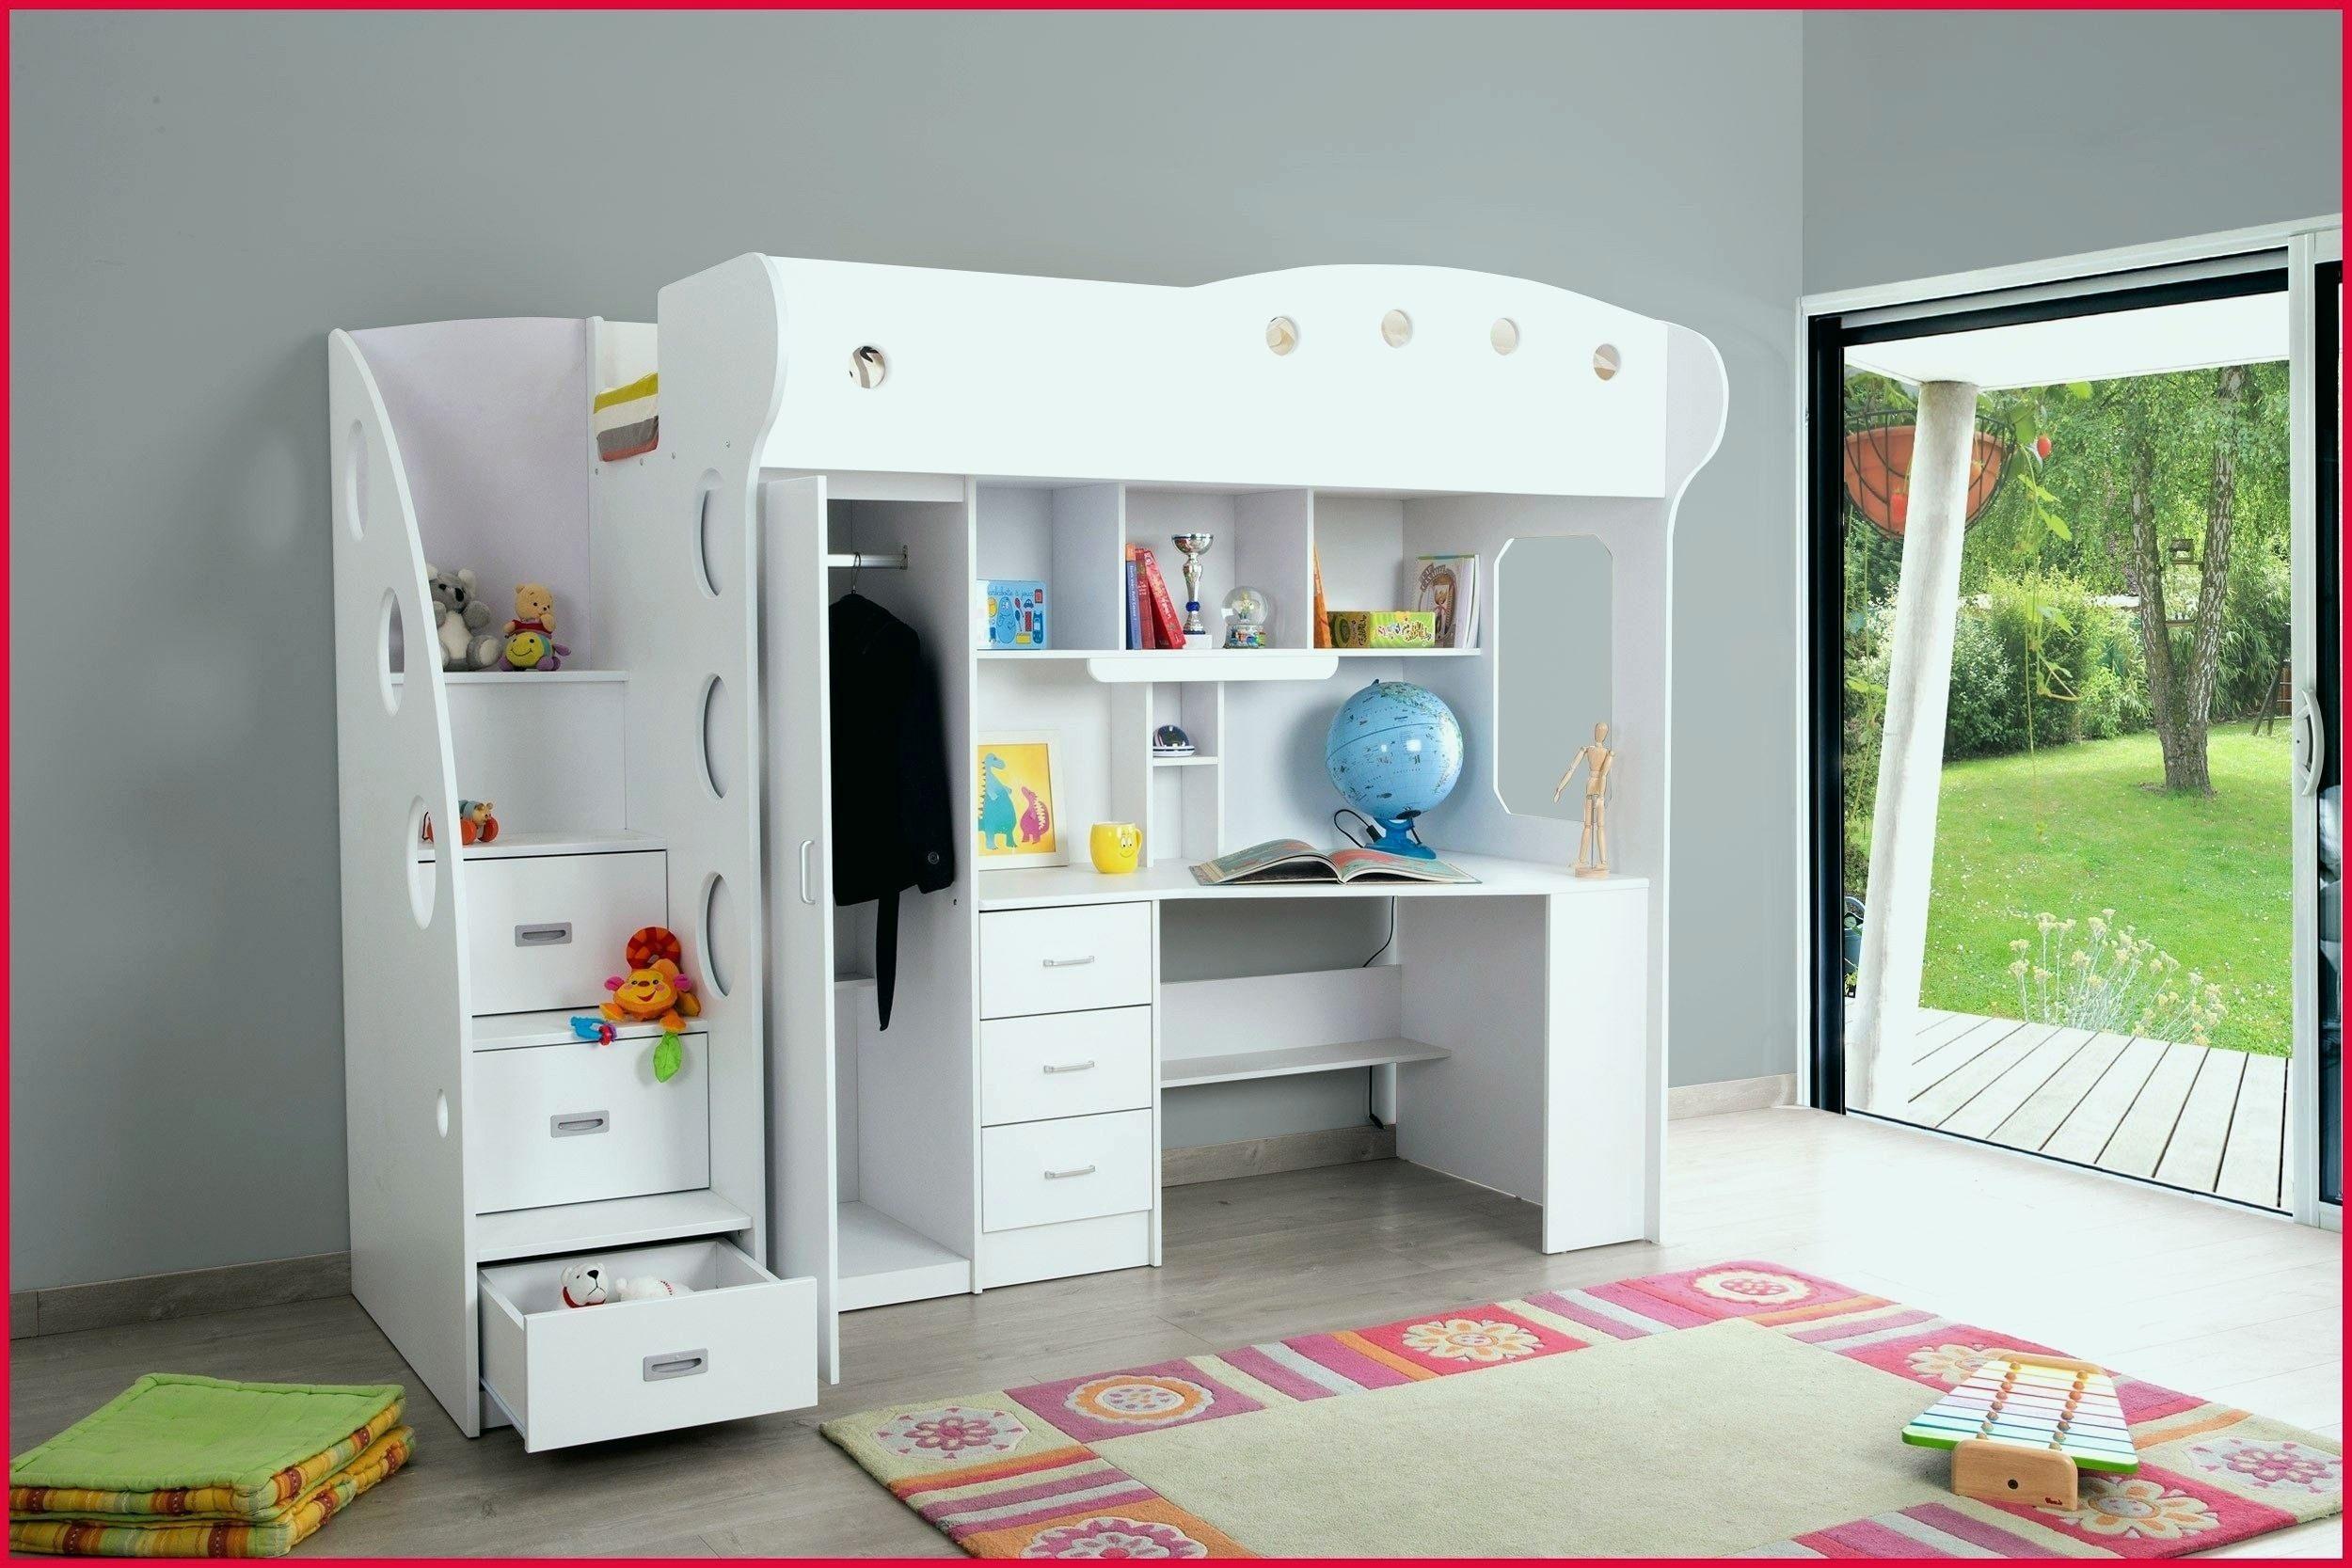 Cabane Lit Pour Enfant Élégant Armoire originale Pour Fille Meuble Pour Chambre Fille Nouveau